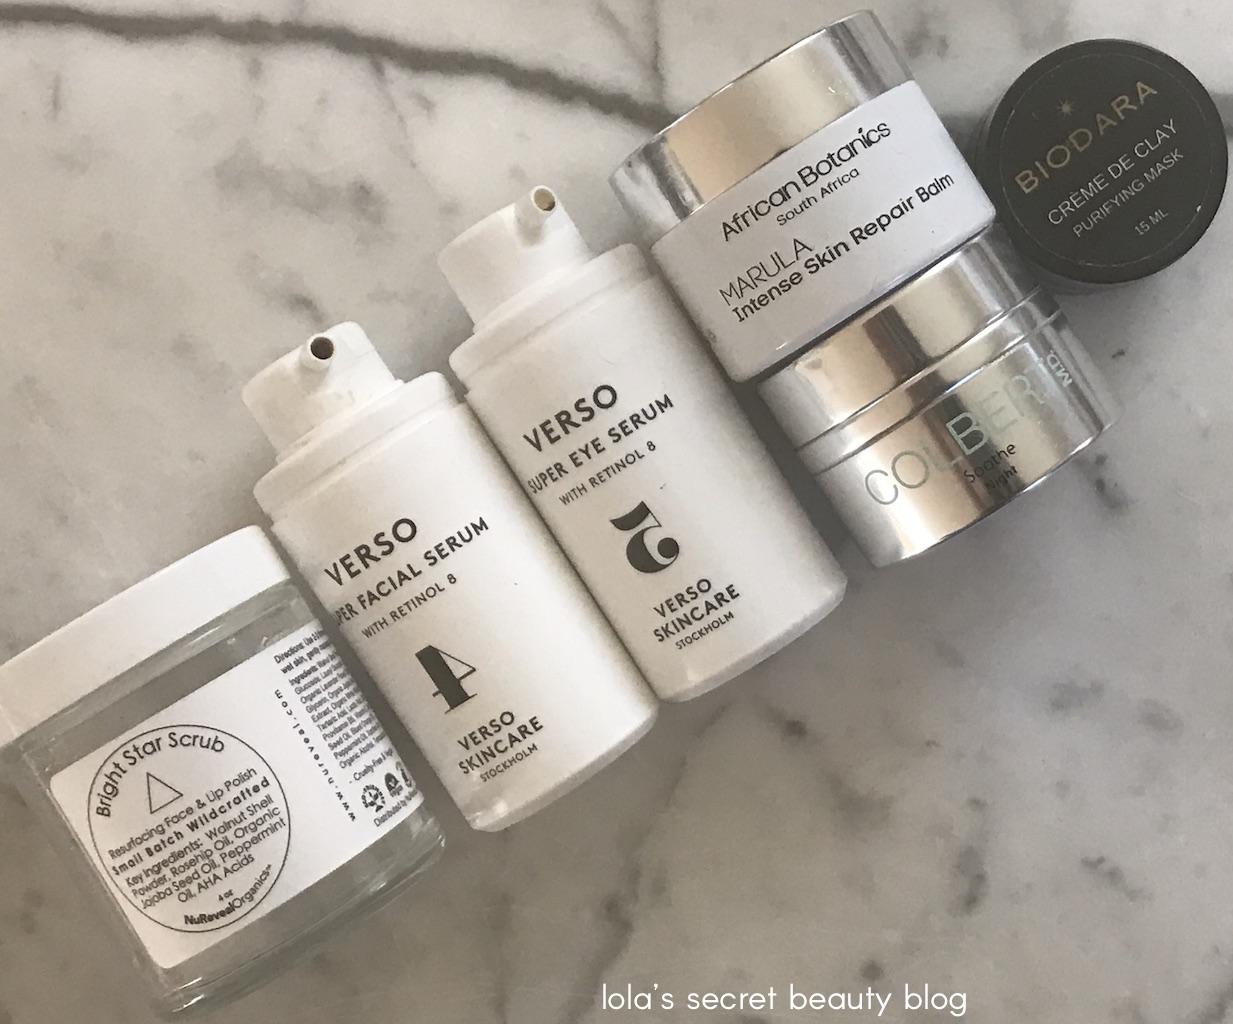 Lola S Secret Beauty Blog Empties Post July 2019